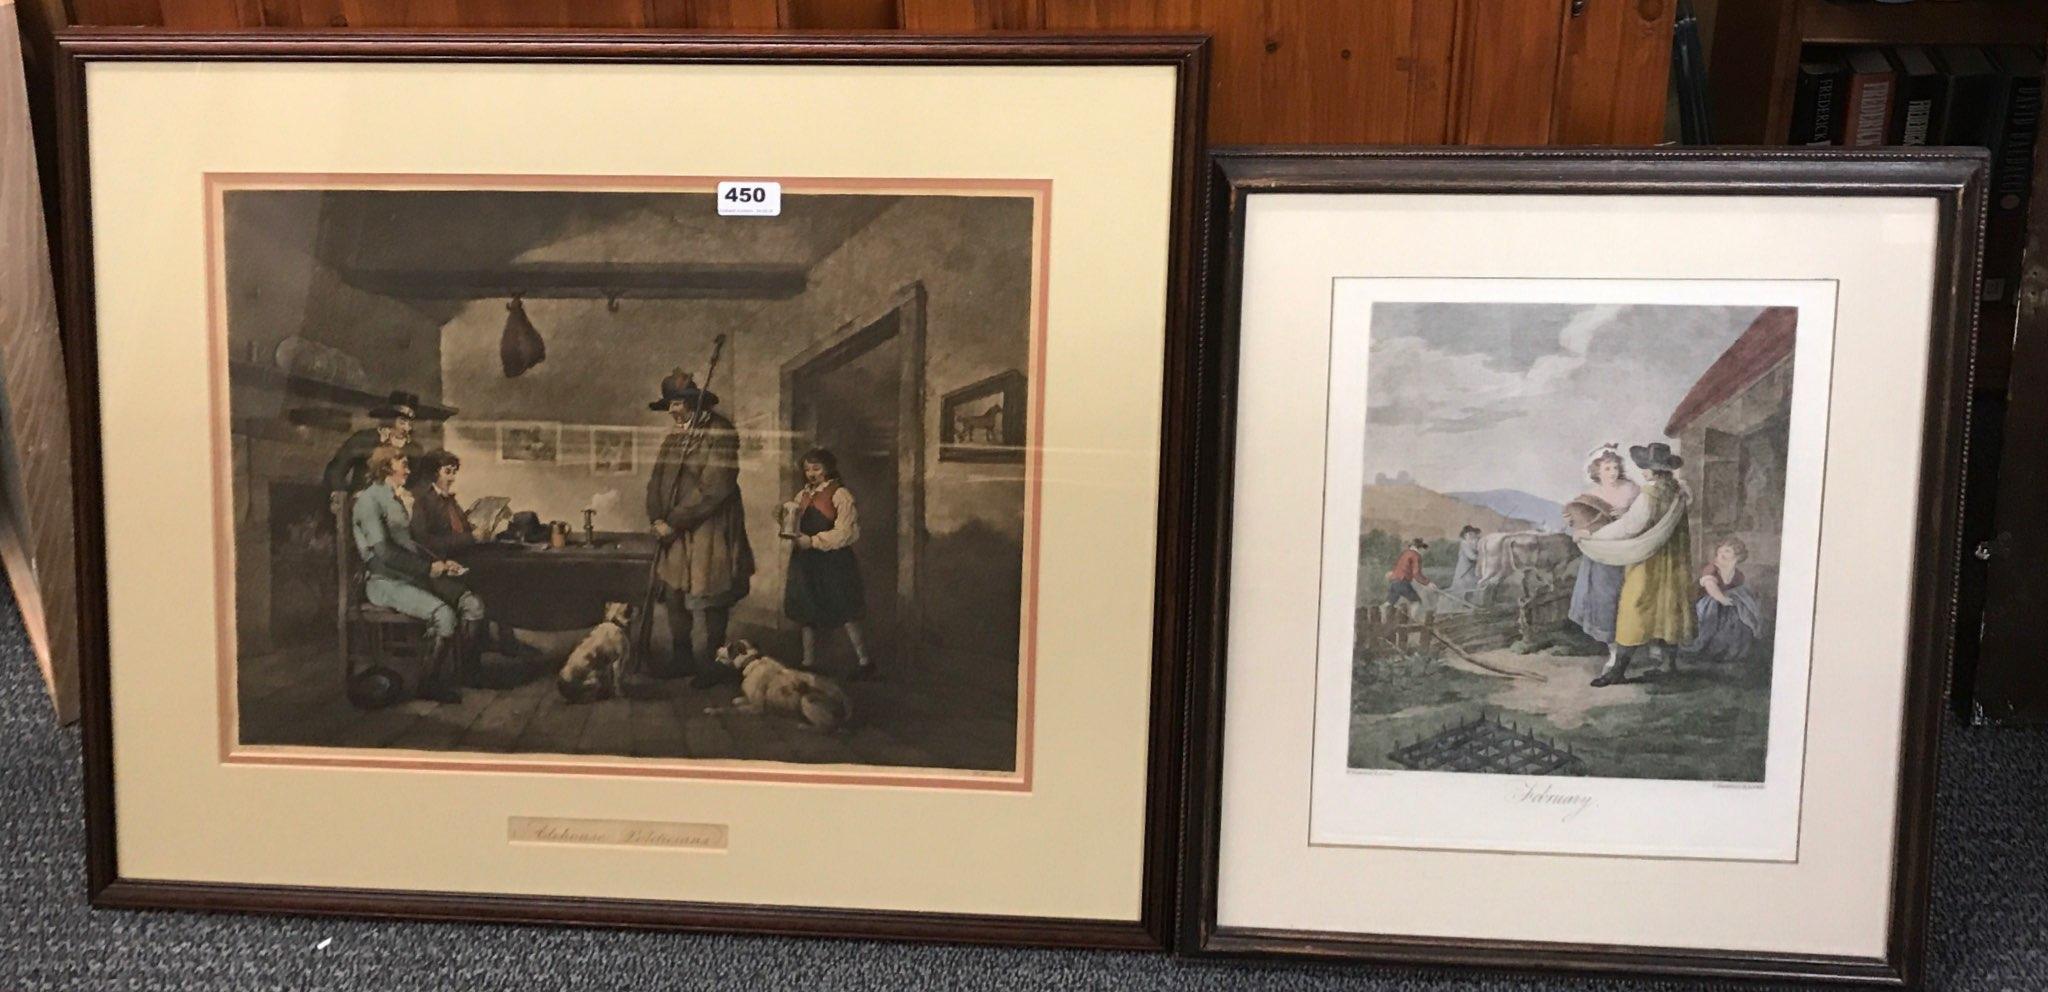 Lot 450 - A framed engraving entitled 'Alehouse Politicians' after G. Moreland, framed size 71 x 60cm together